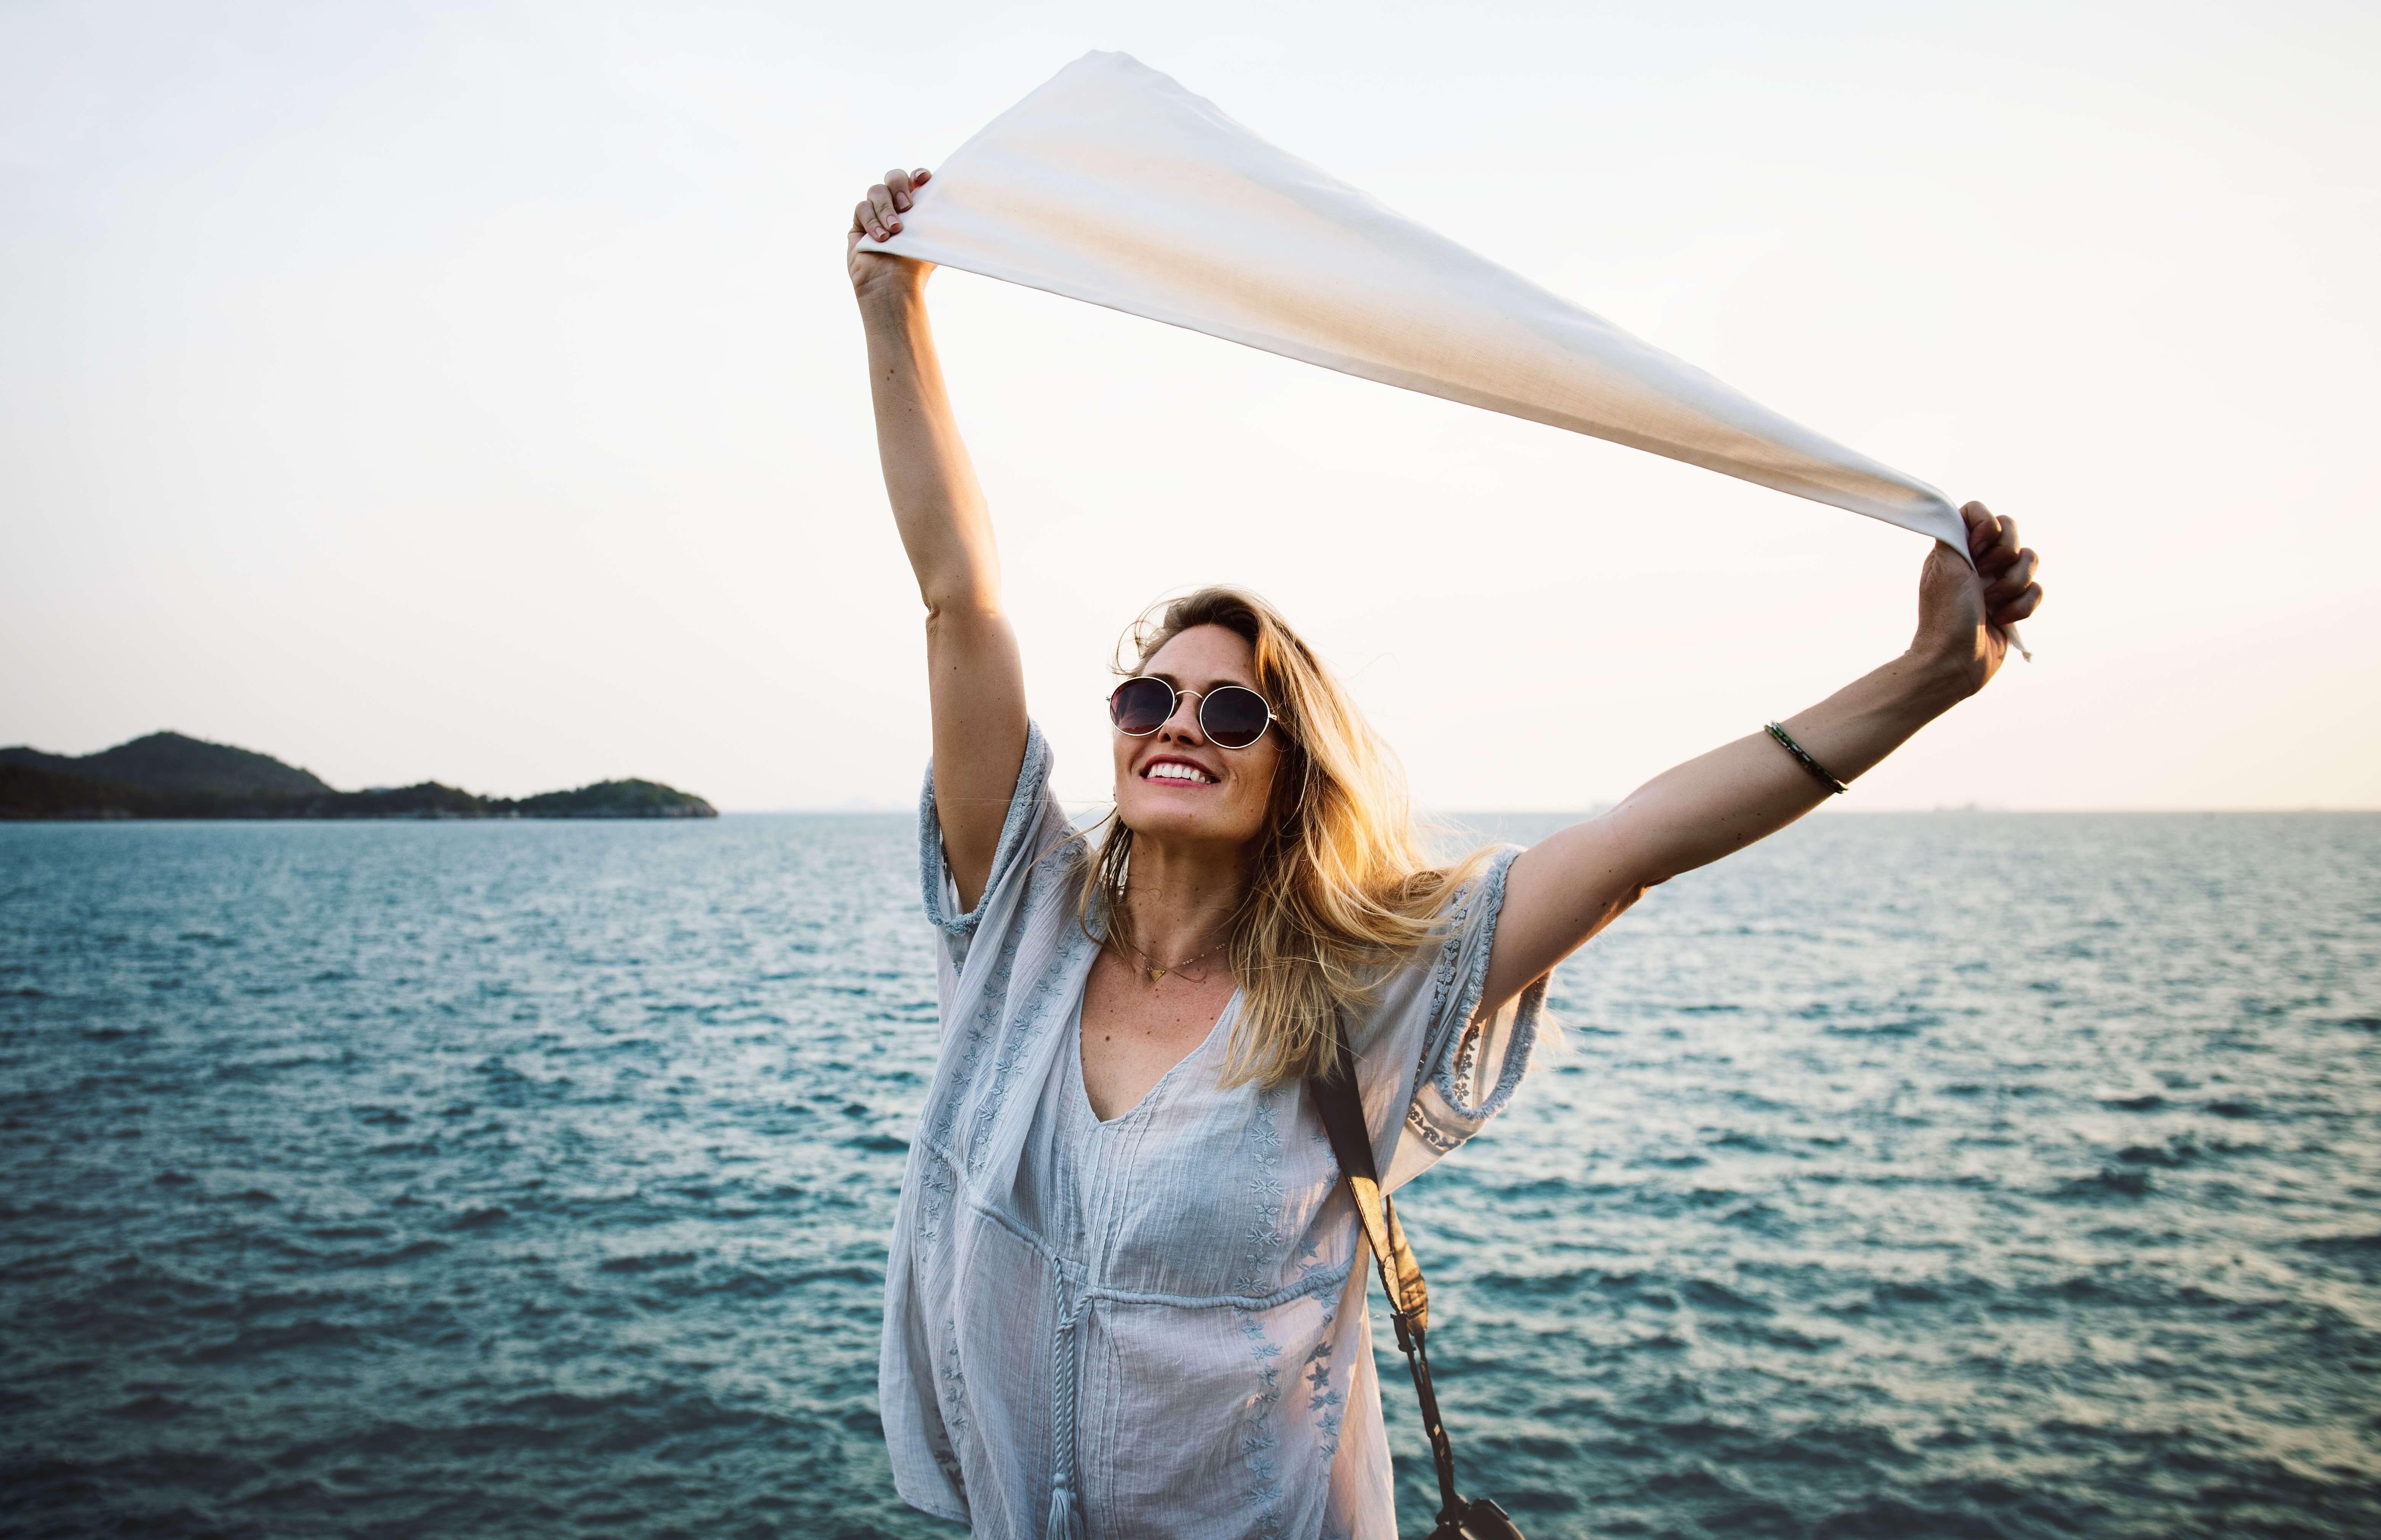 Schaebens-Frau-selbstbewusst-Vorsätze-Komfortzone